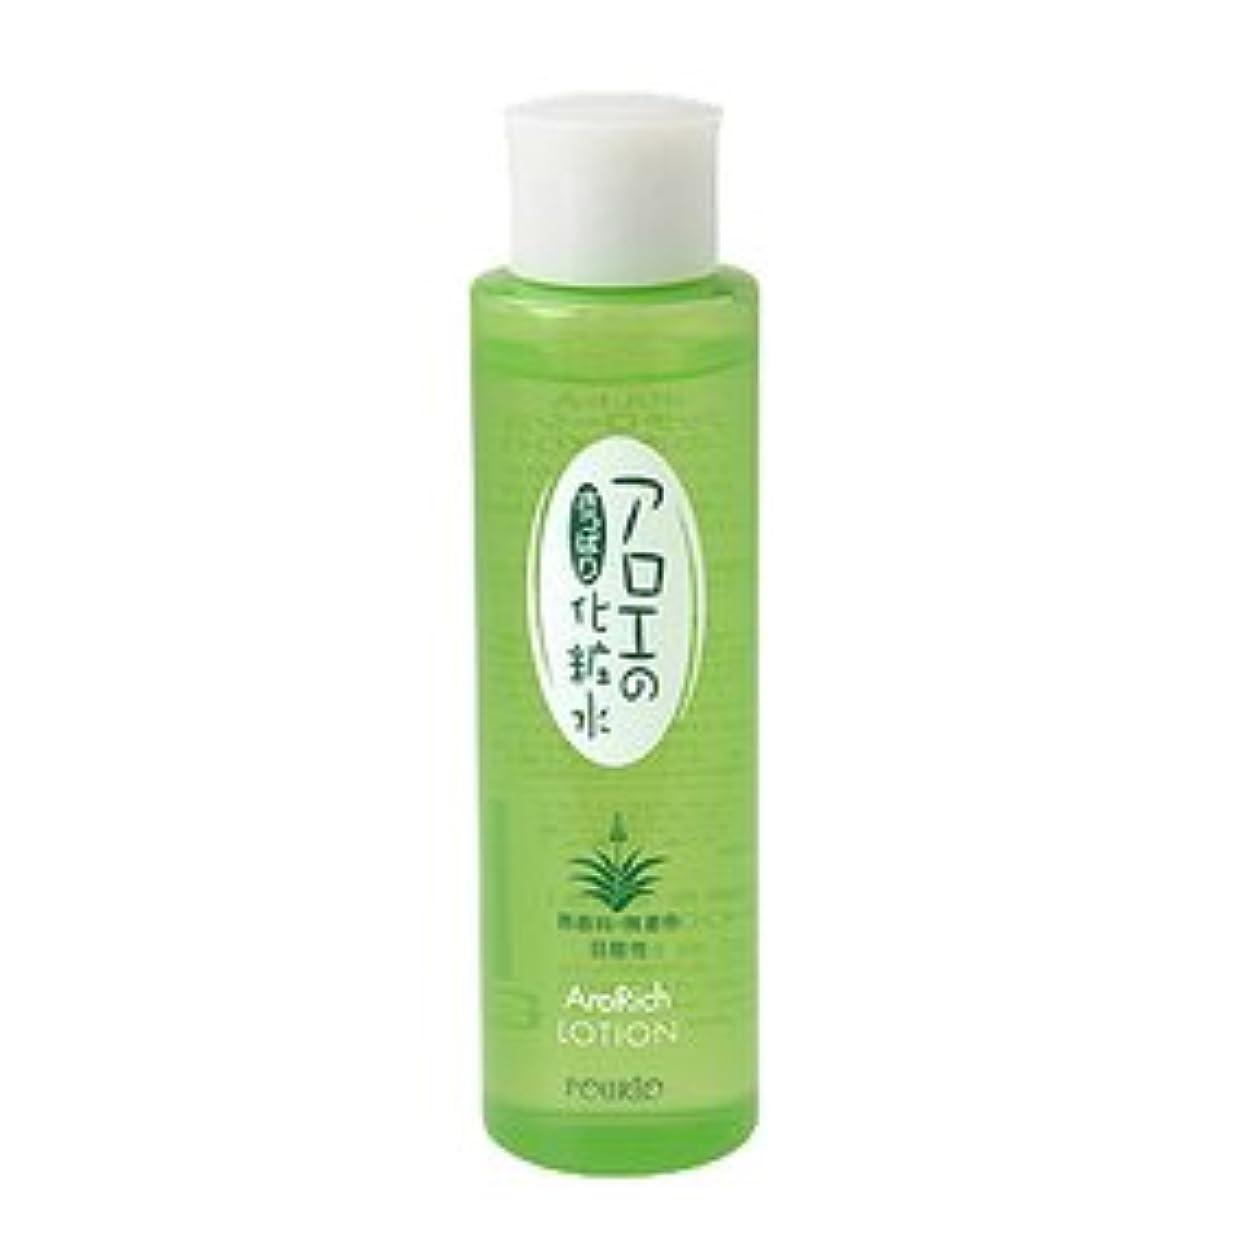 全能毛細血管適用済みポルトA さっぱりタイプの化粧水 アローリッチローション600